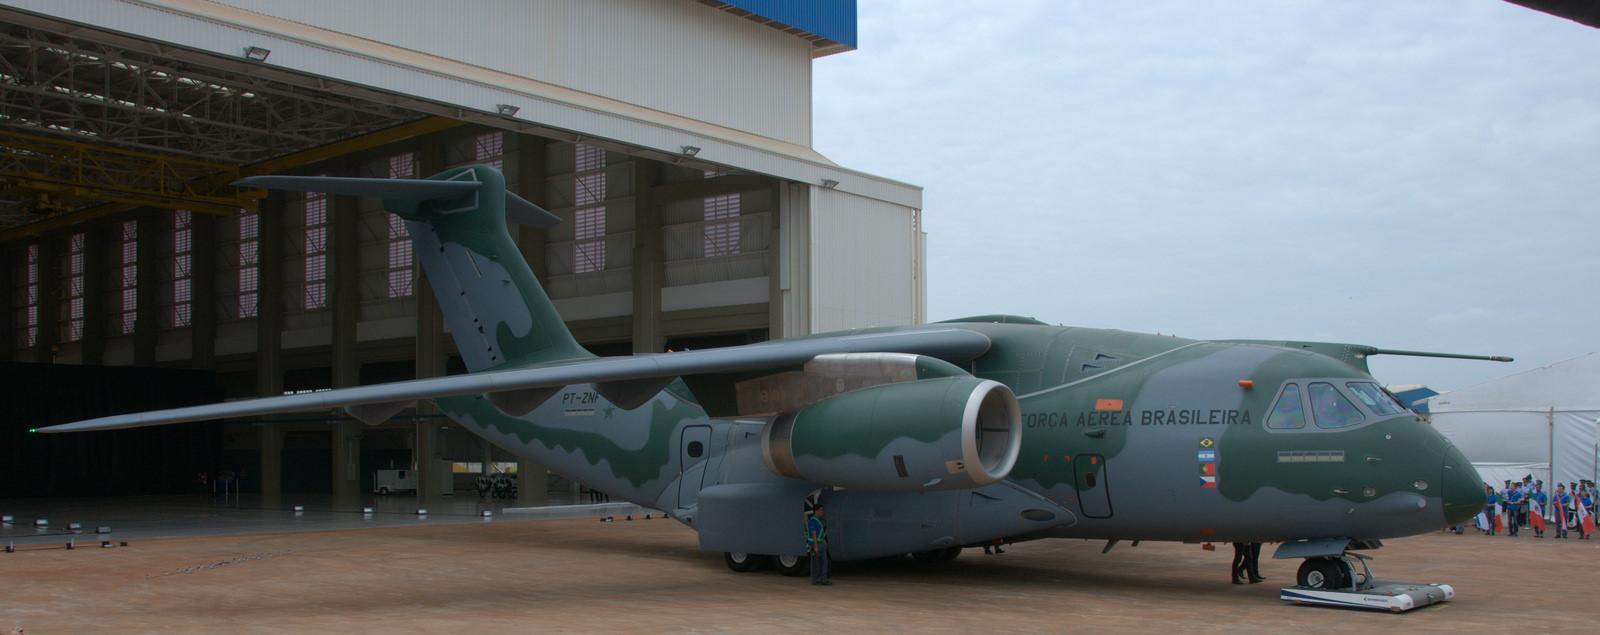 Cerimônia de roll out do KC-390 da EDS. (Imagem: Roberto Caiafa)